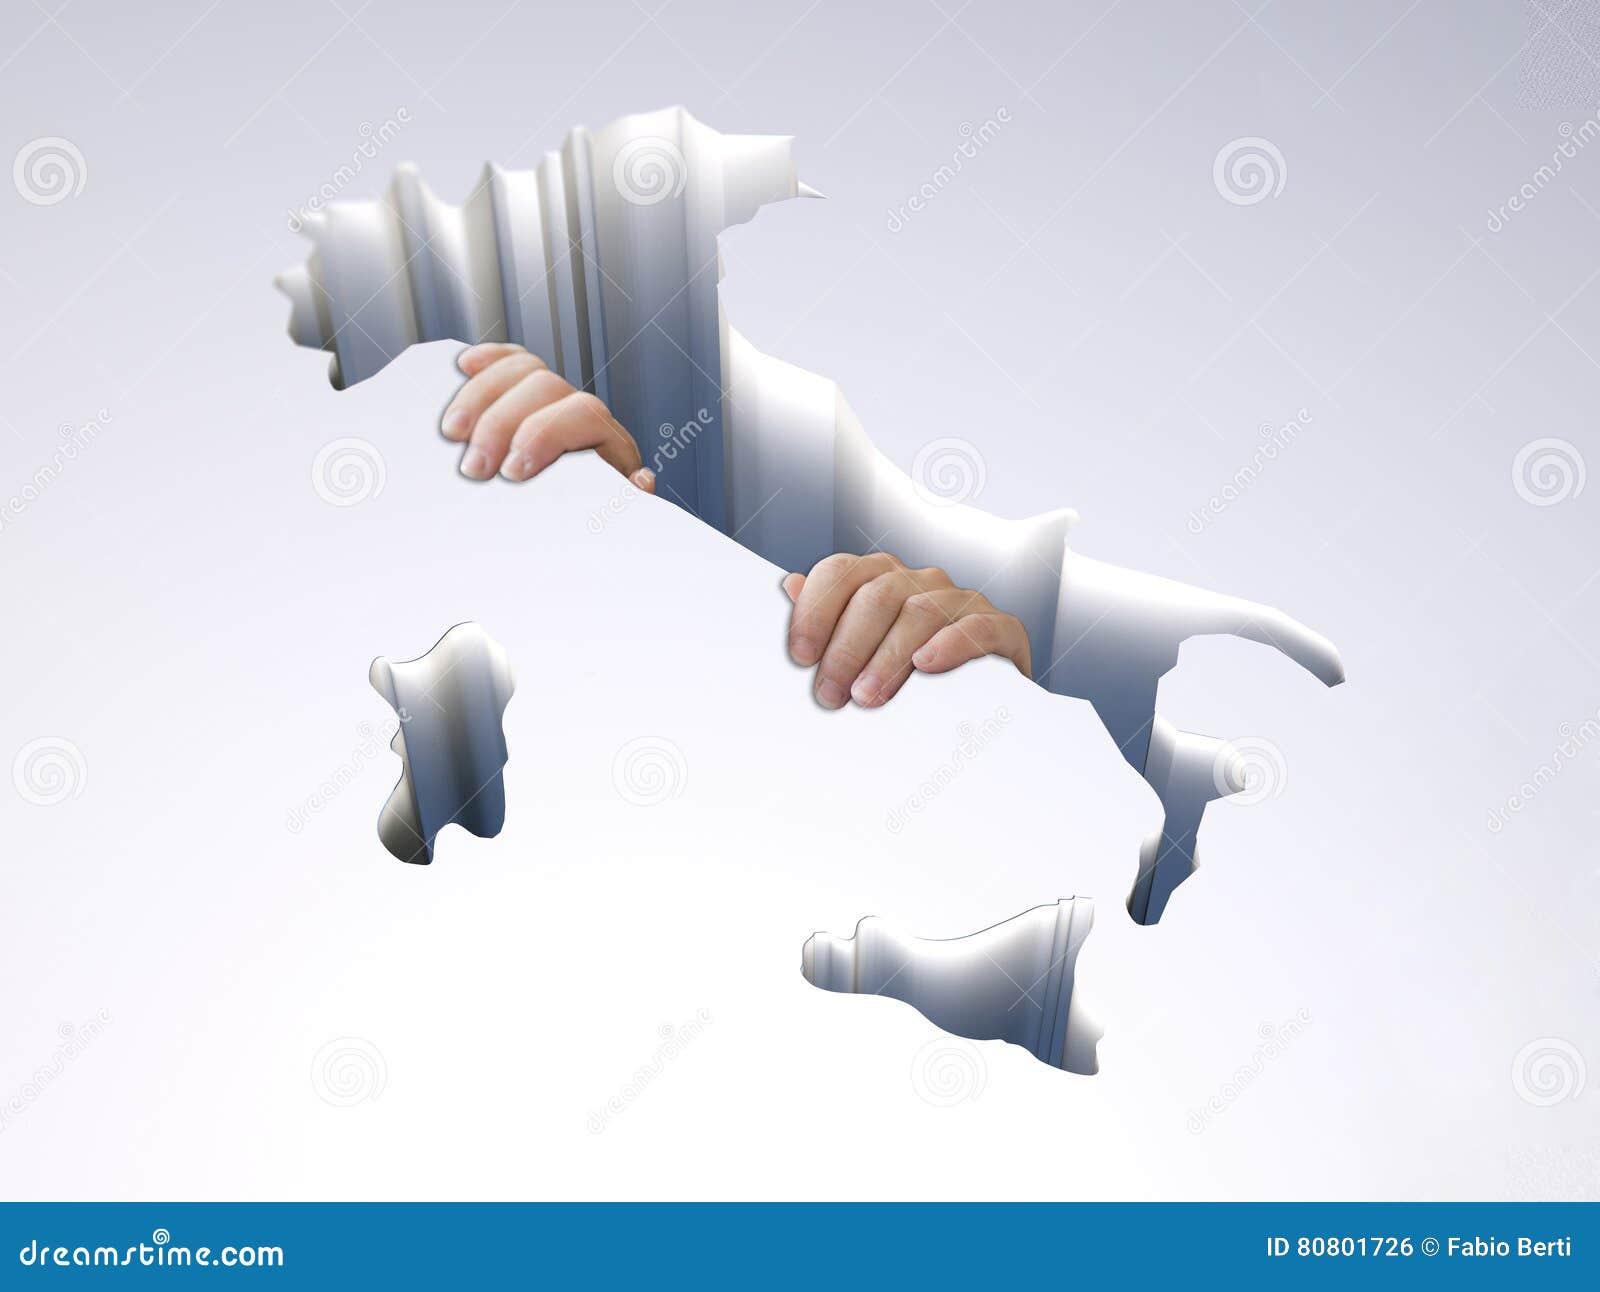 Agujero con un mapa de Italia con las manos que se aferran